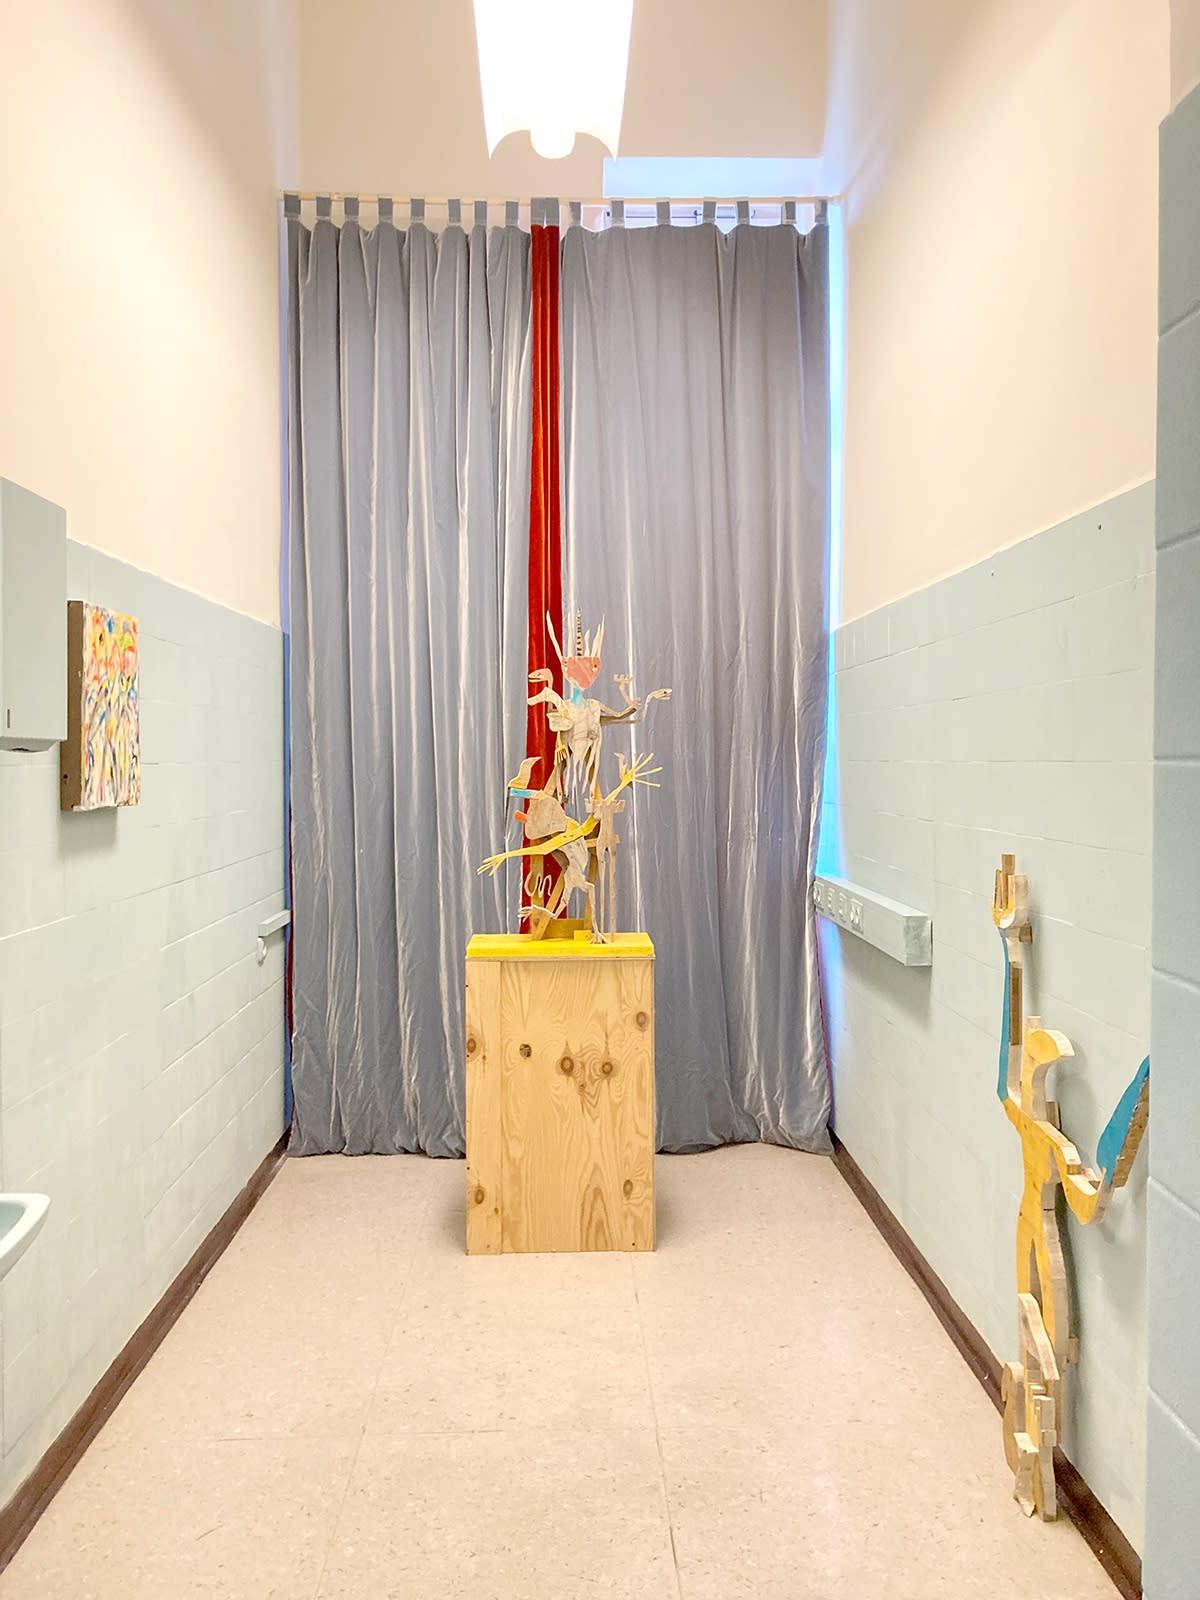 Exhibition View | Parallel Vienna | Room 203 | Artist Statement